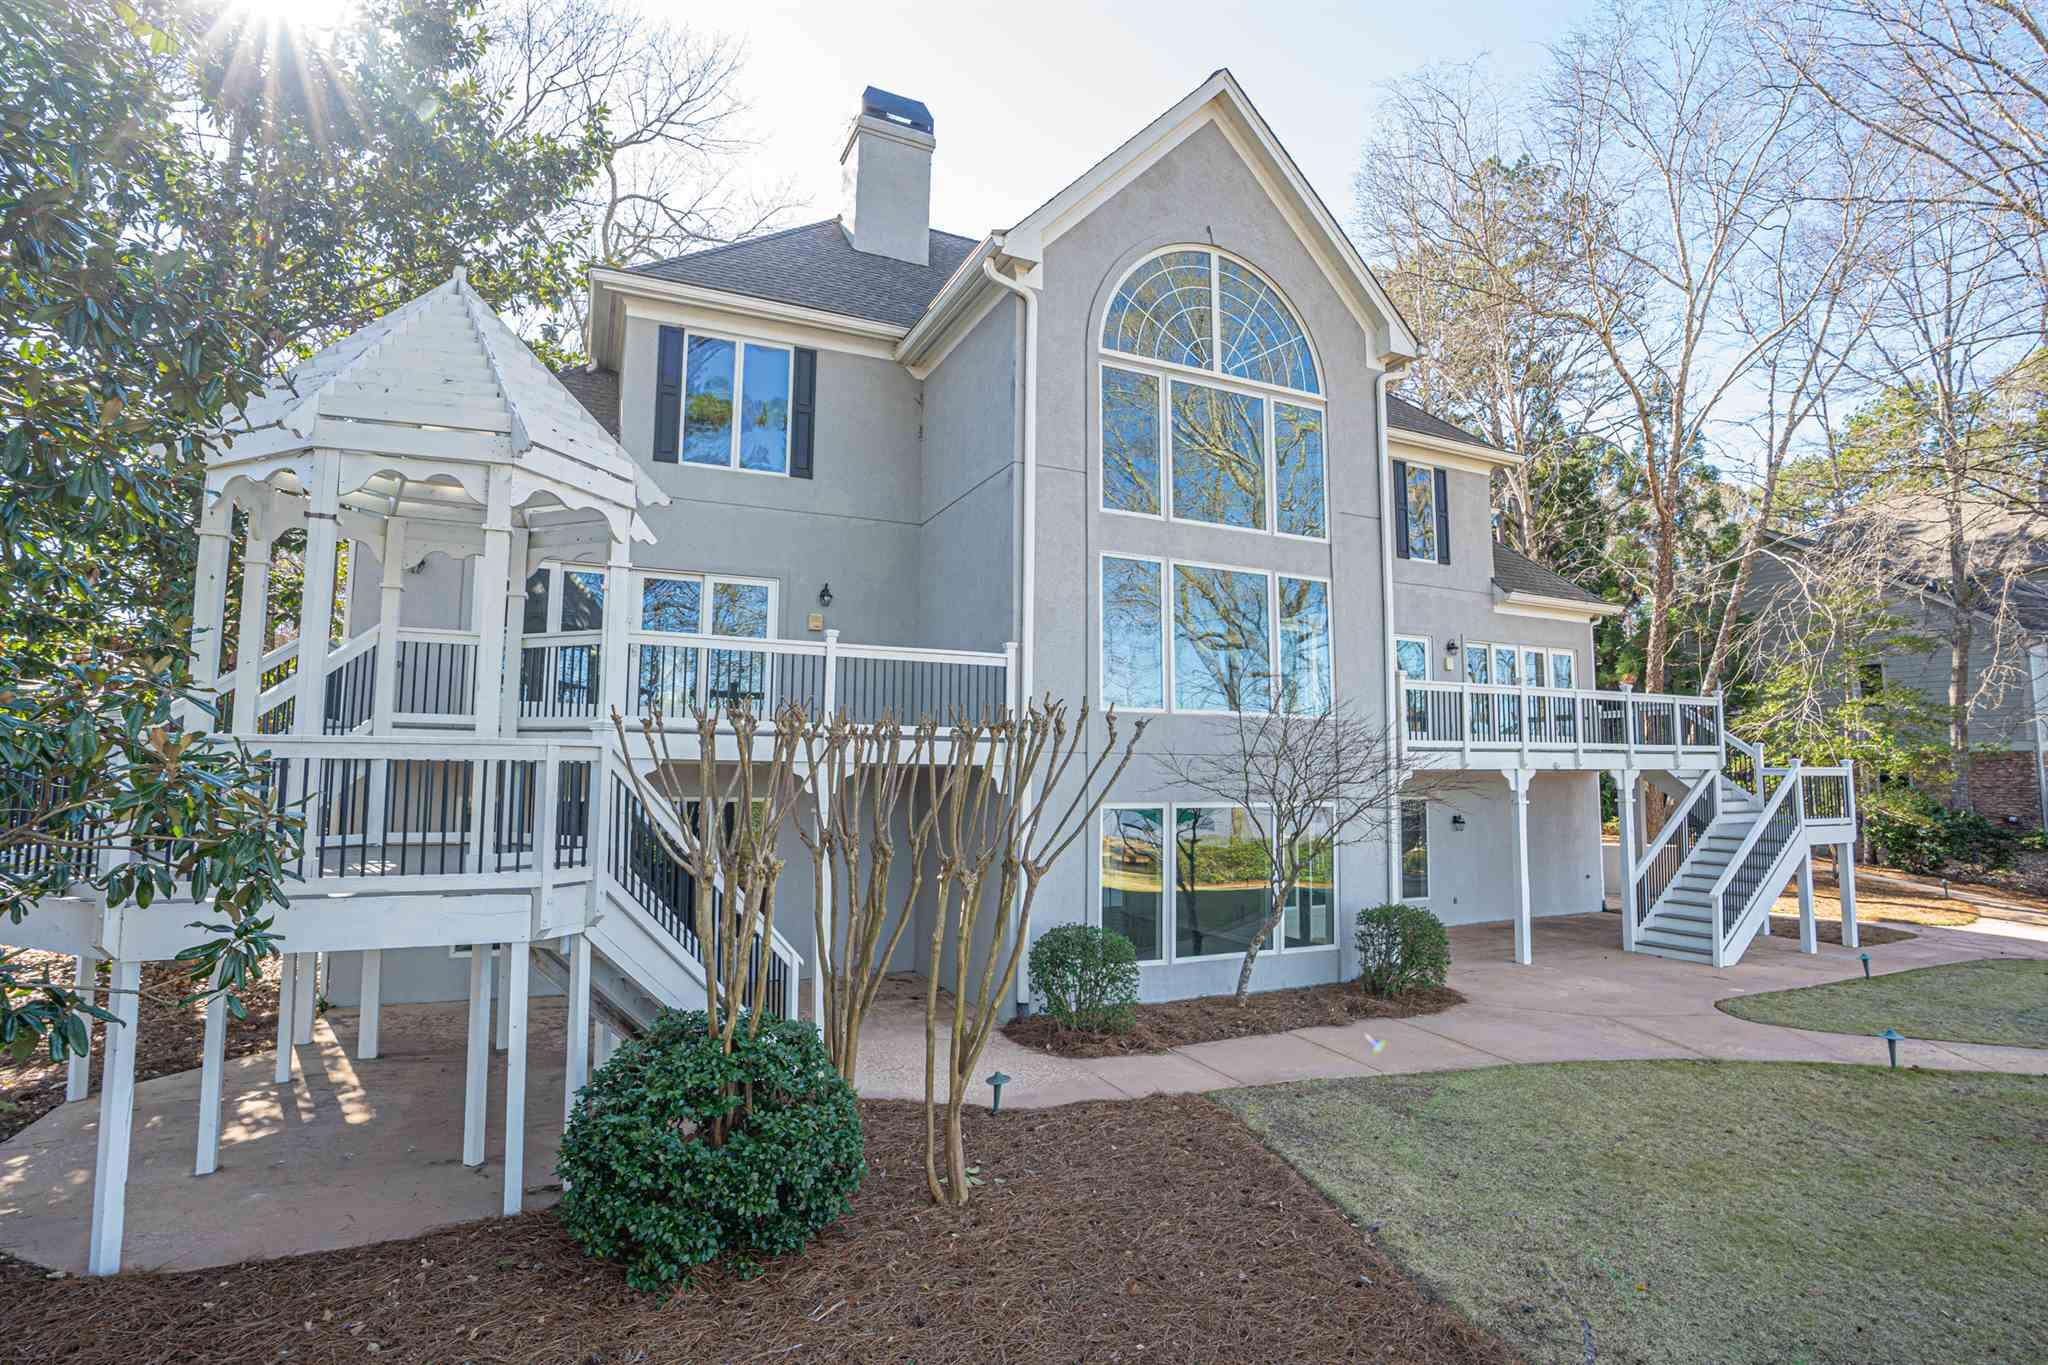 145 WINNSTEAD PLACE, Great Waters, Georgia 5 Bedroom as one of Homes & Land Real Estate